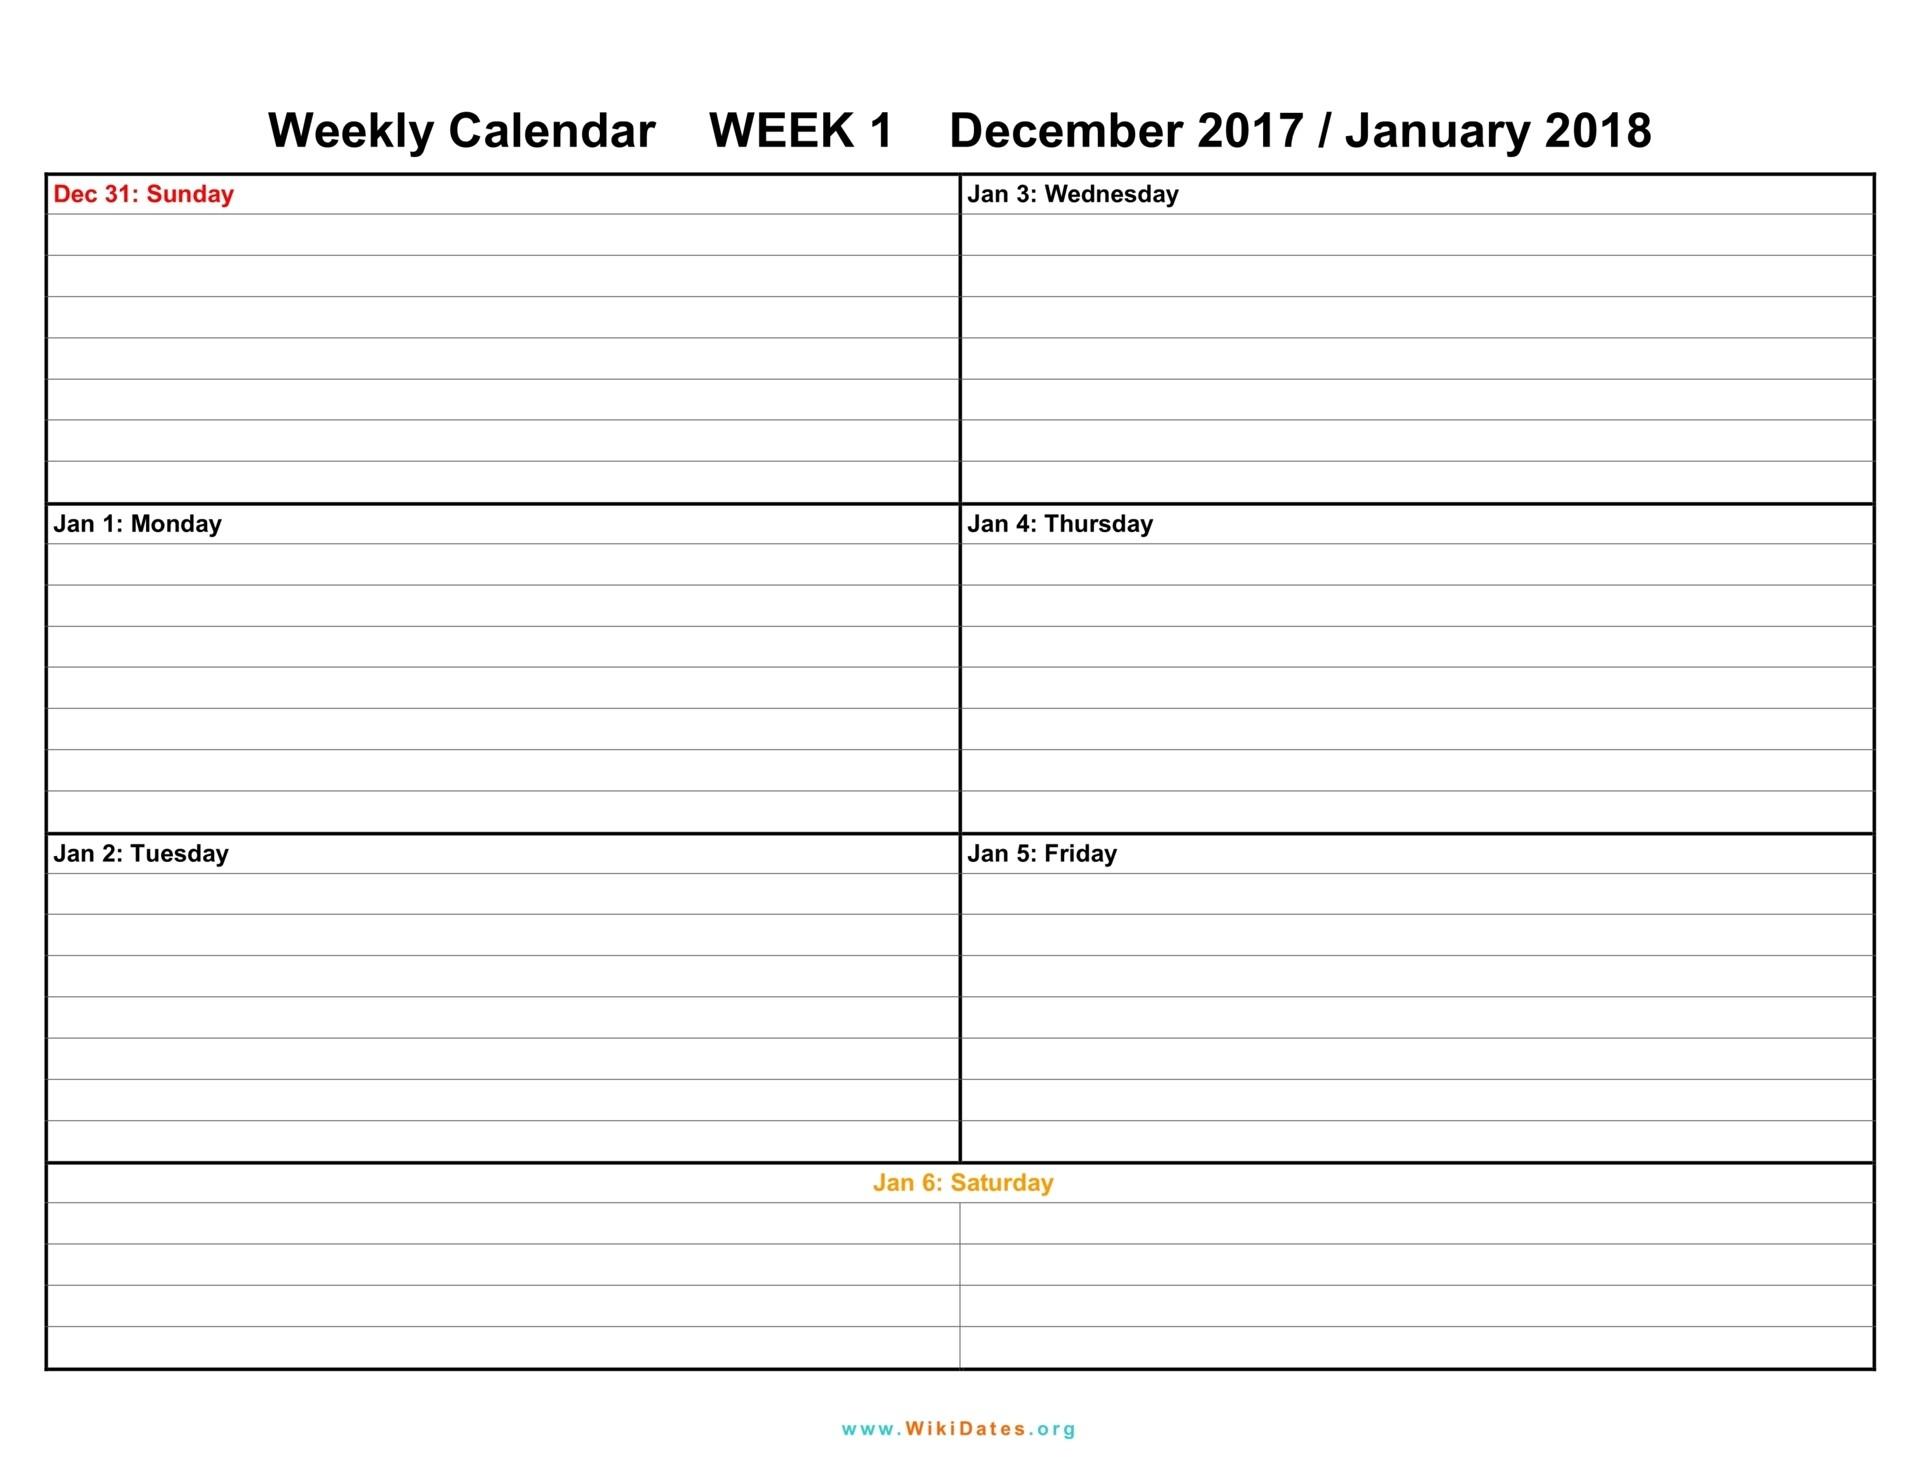 Free Weekly Printable Calendars Weekly Calendar Download Weekly Calendar 2017 and 2018